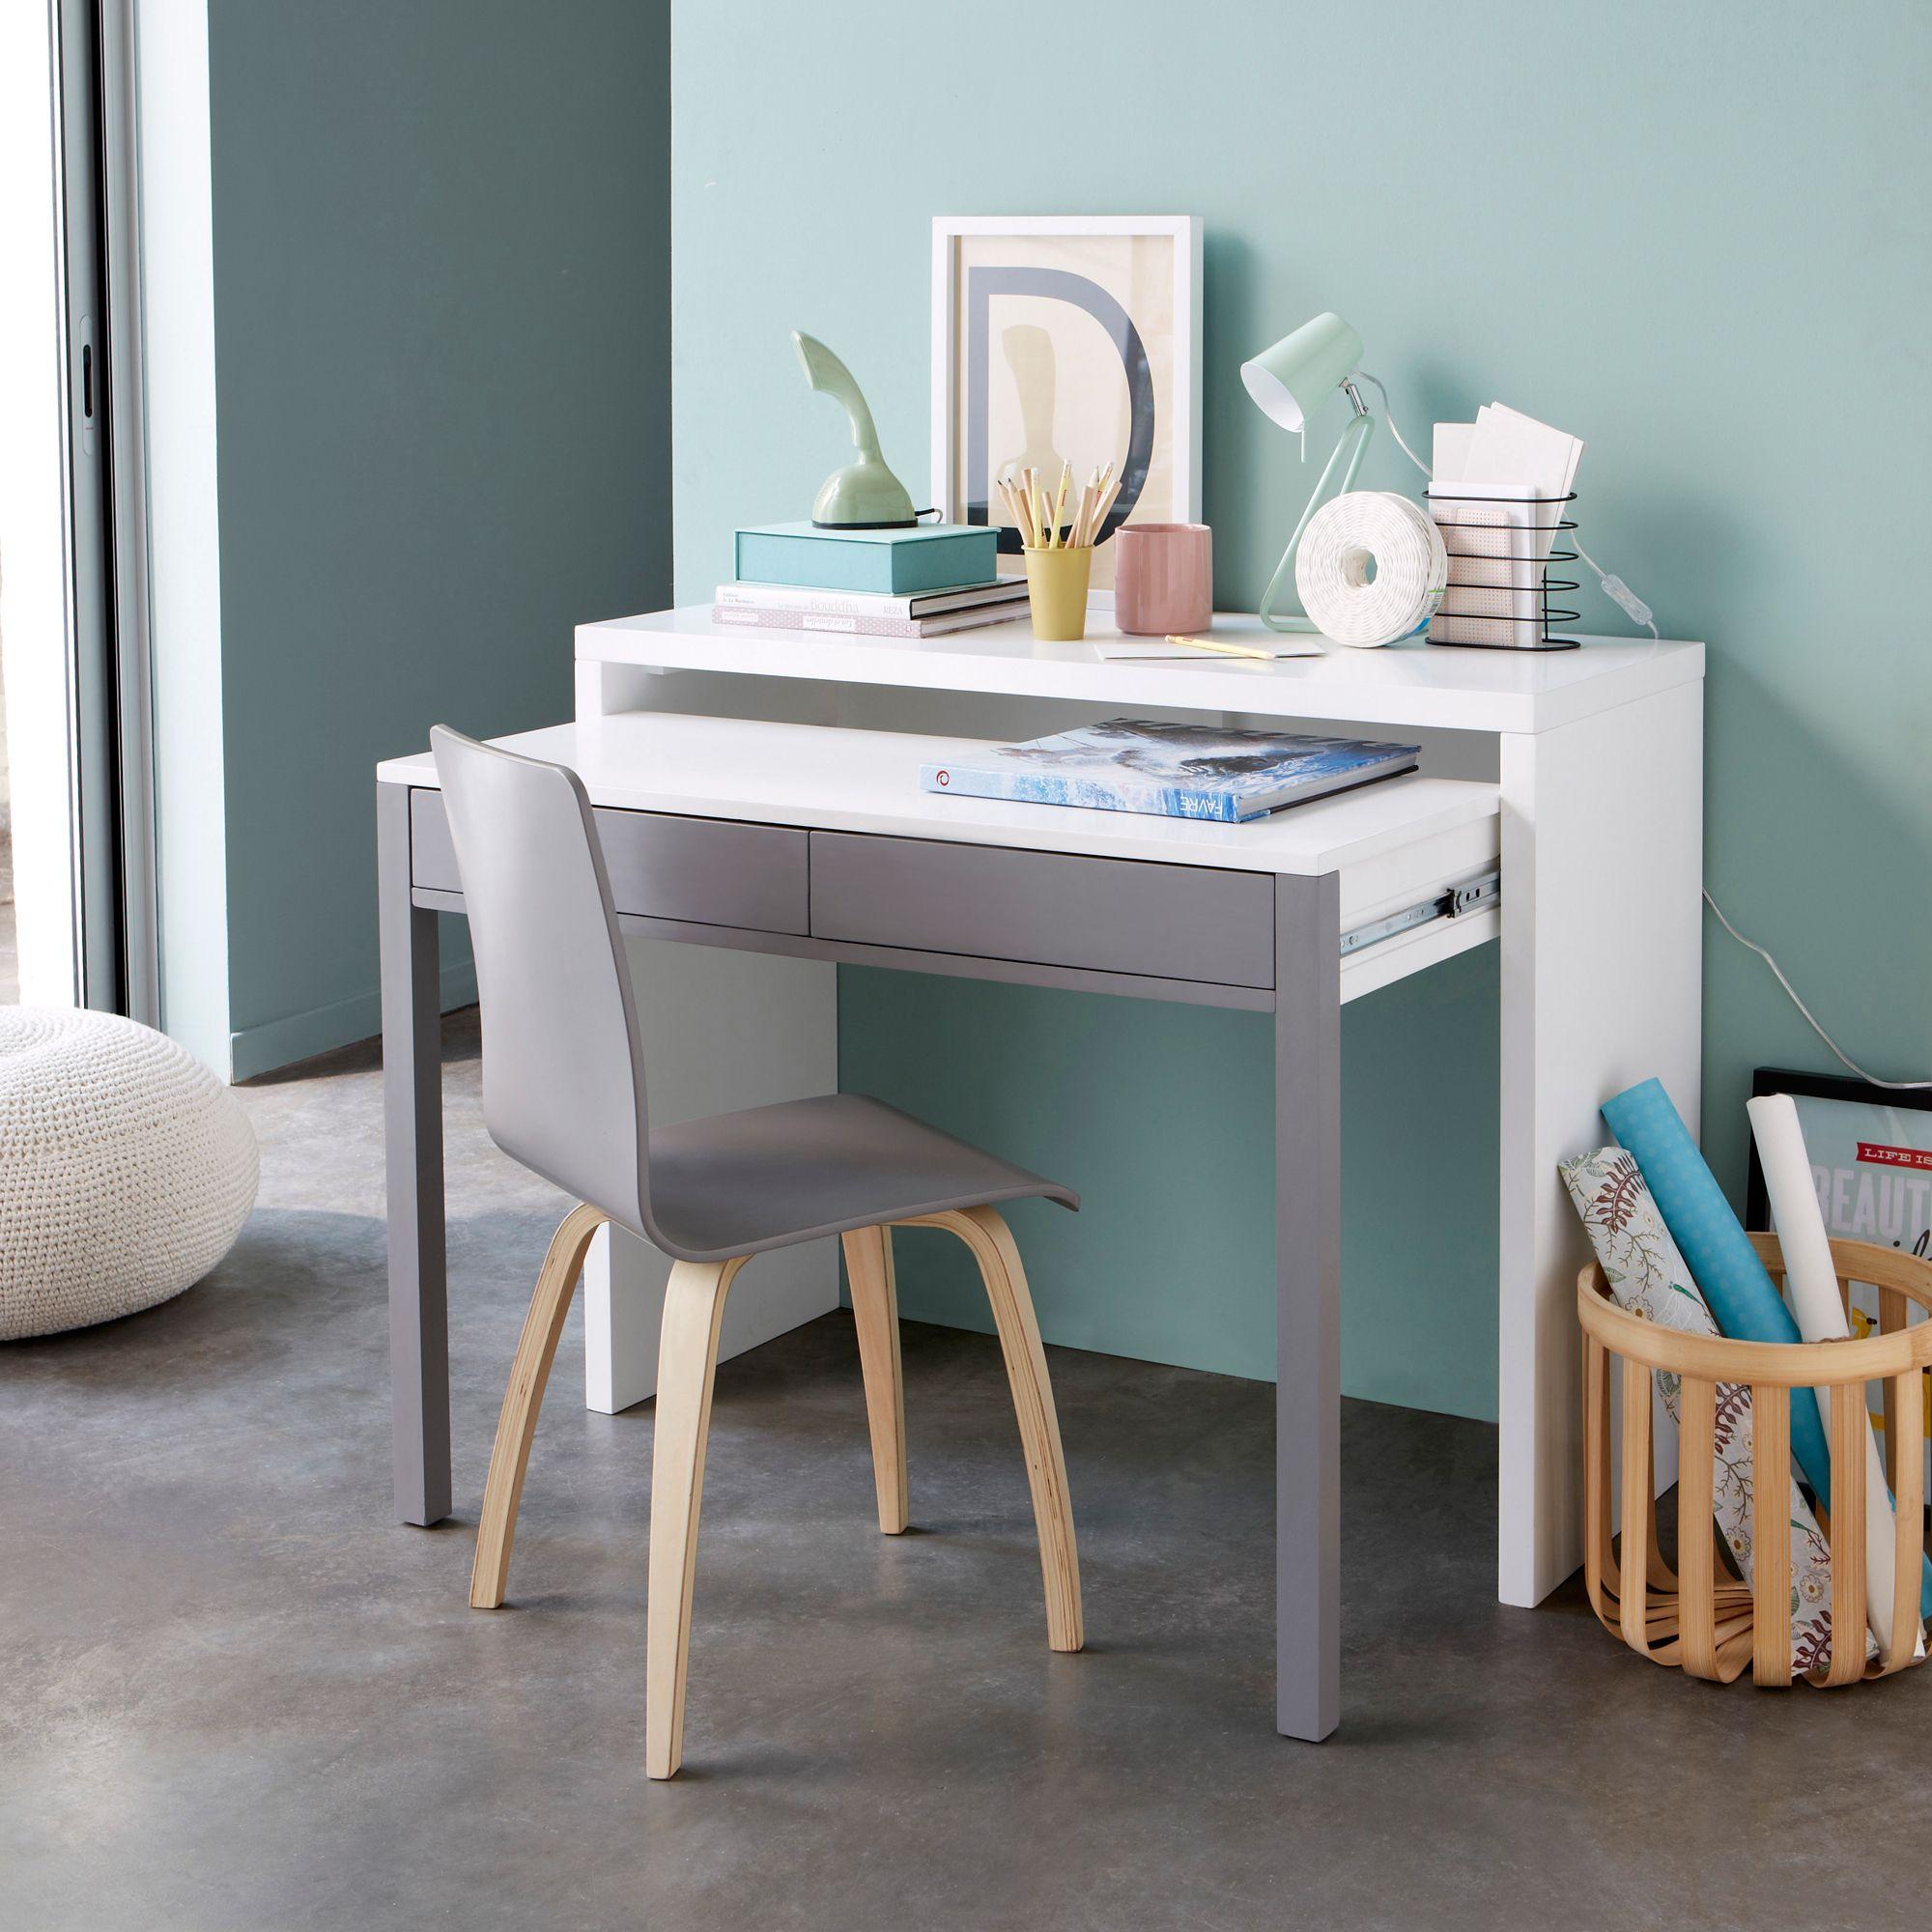 Bureau console 2 tiroirs la version console un meuble l gant mettre dans un salon ou une for Meuble qui cache la tv